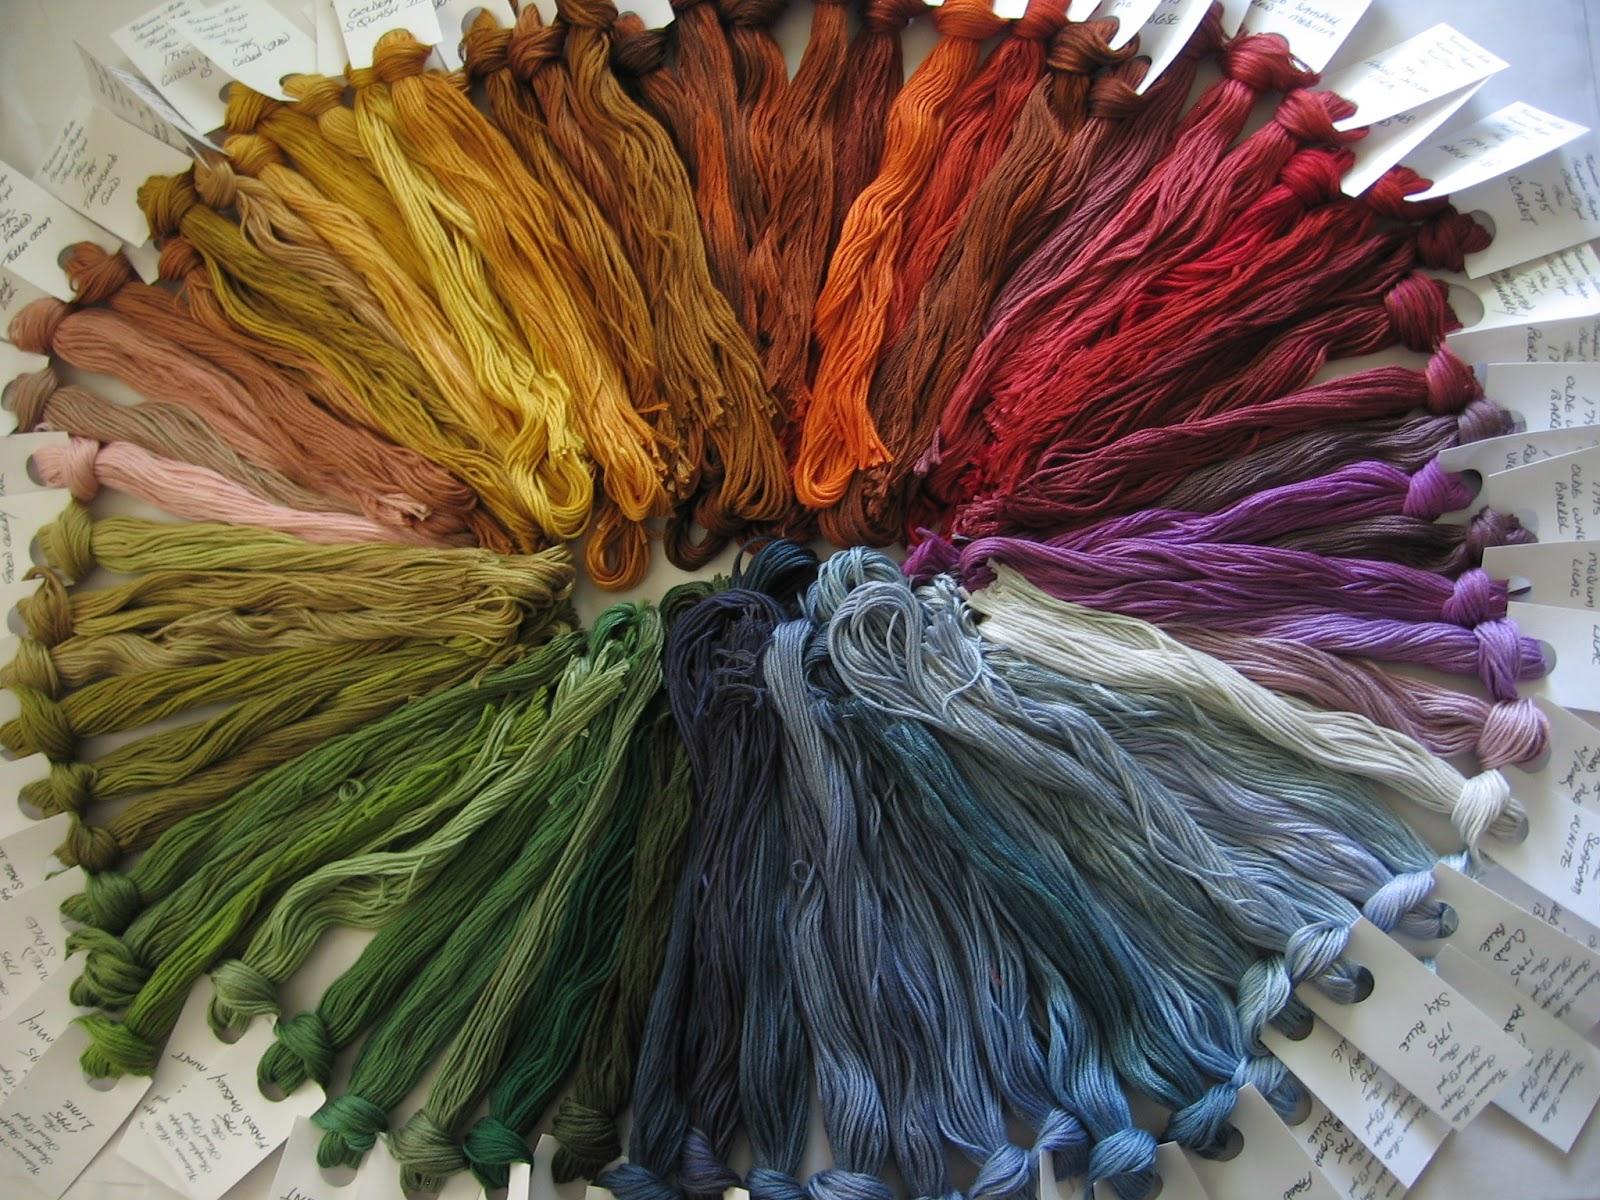 http://1.bp.blogspot.com/-o57lCKLE0sI/UzXYceY9xAI/AAAAAAAArB0/MX8A7f6Cciw/s1600/1795+Sampler+Collection+73+colors+007.JPG